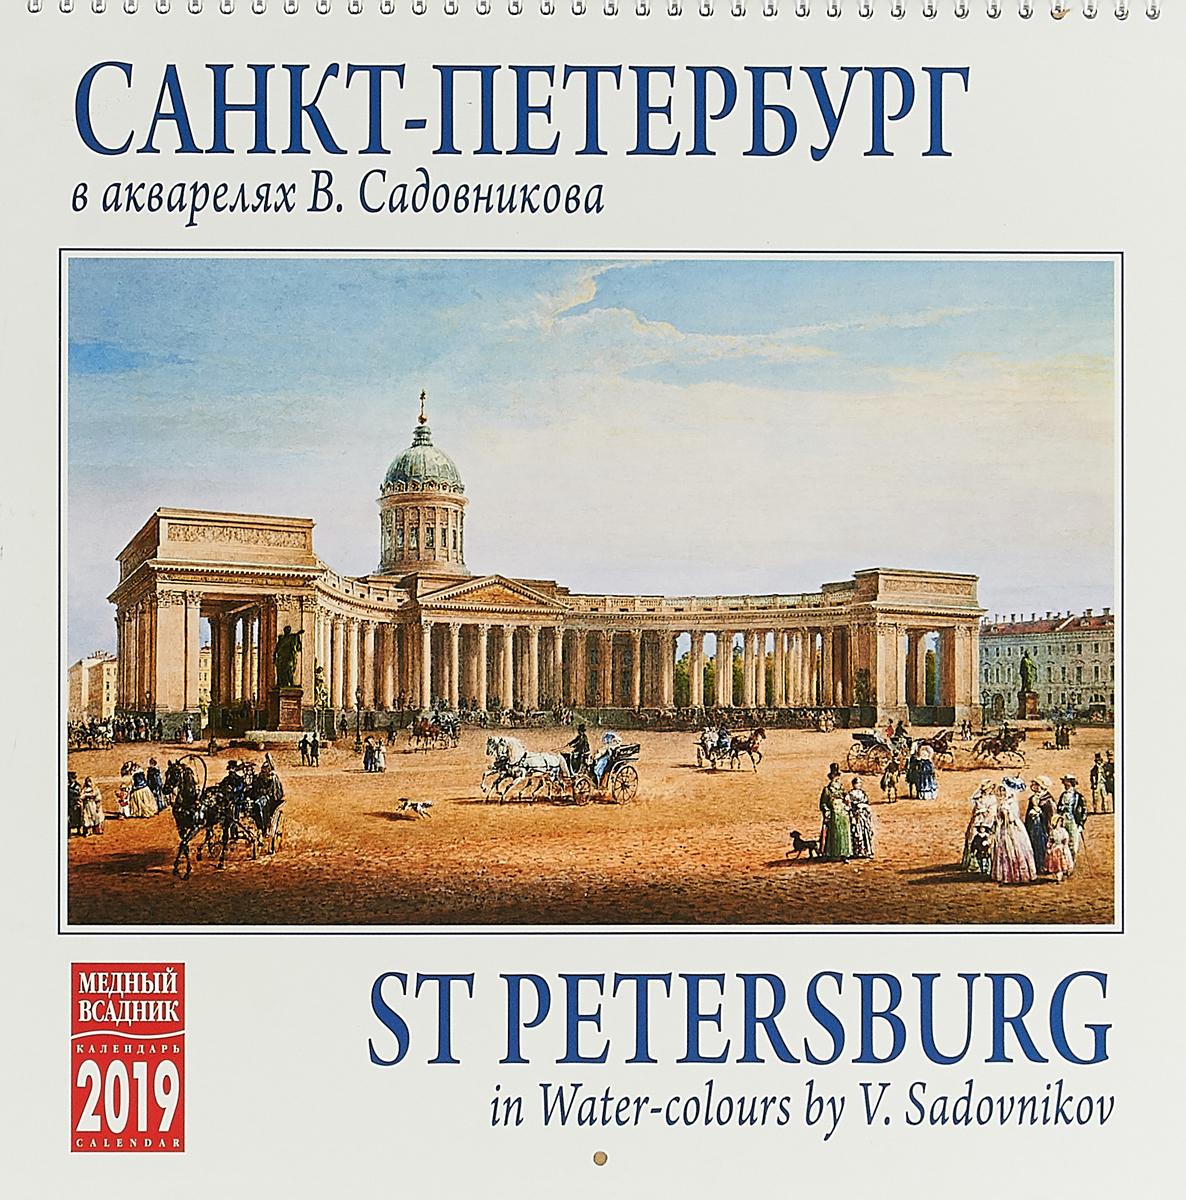 Календарь на спирали на 2019 год. Санкт-Петербург в акварелях календарь на спирали на 2019 год русь православная